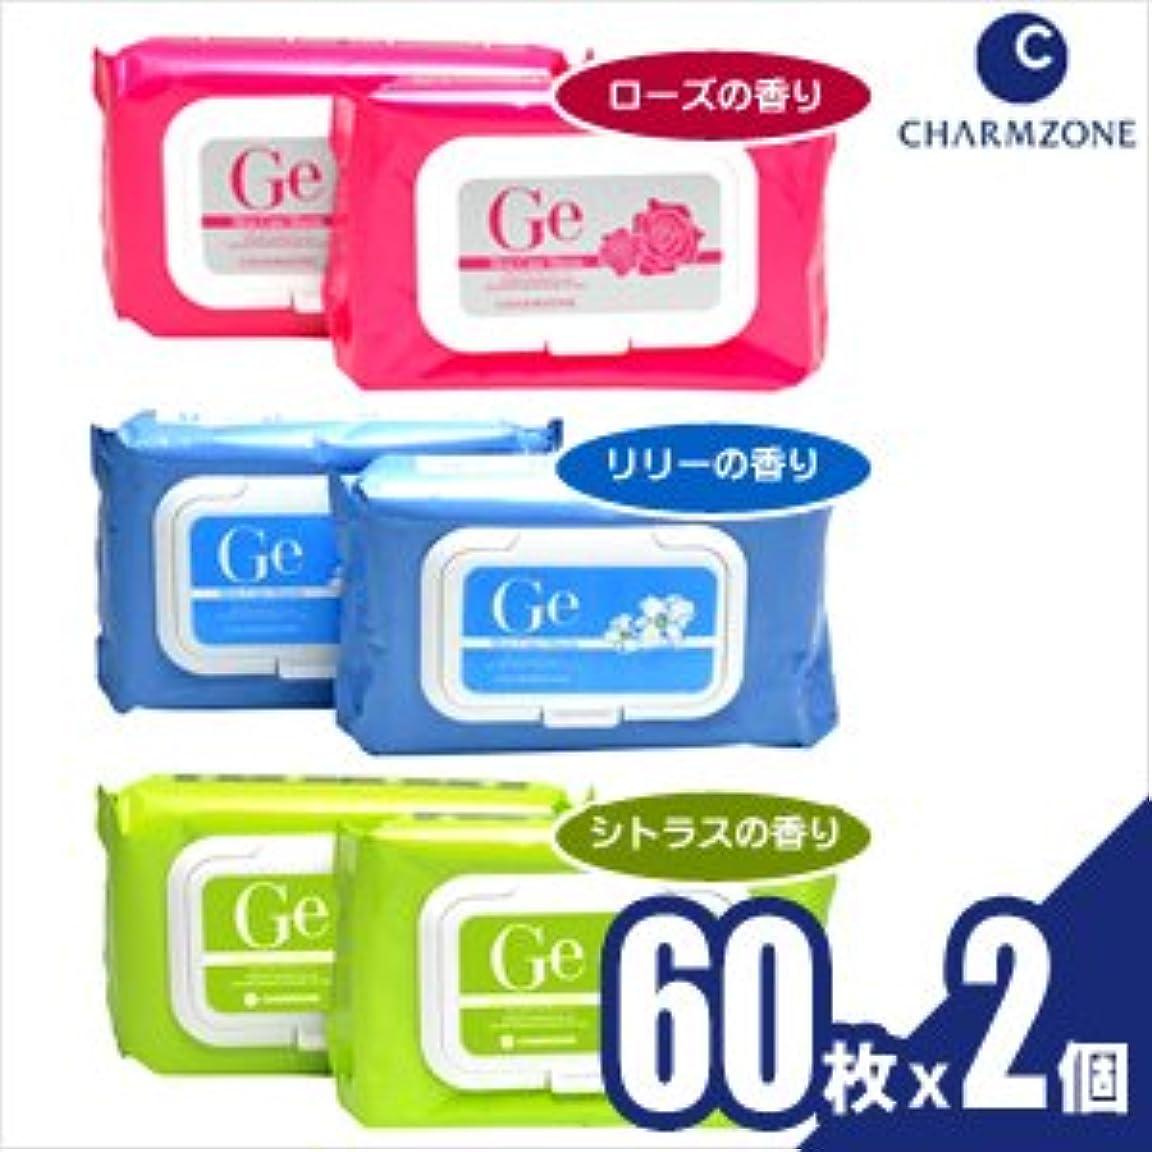 のれん放散する悪化させるチャームゾーン Geスキンケアシート 60枚入×2個 (リリーの香り)